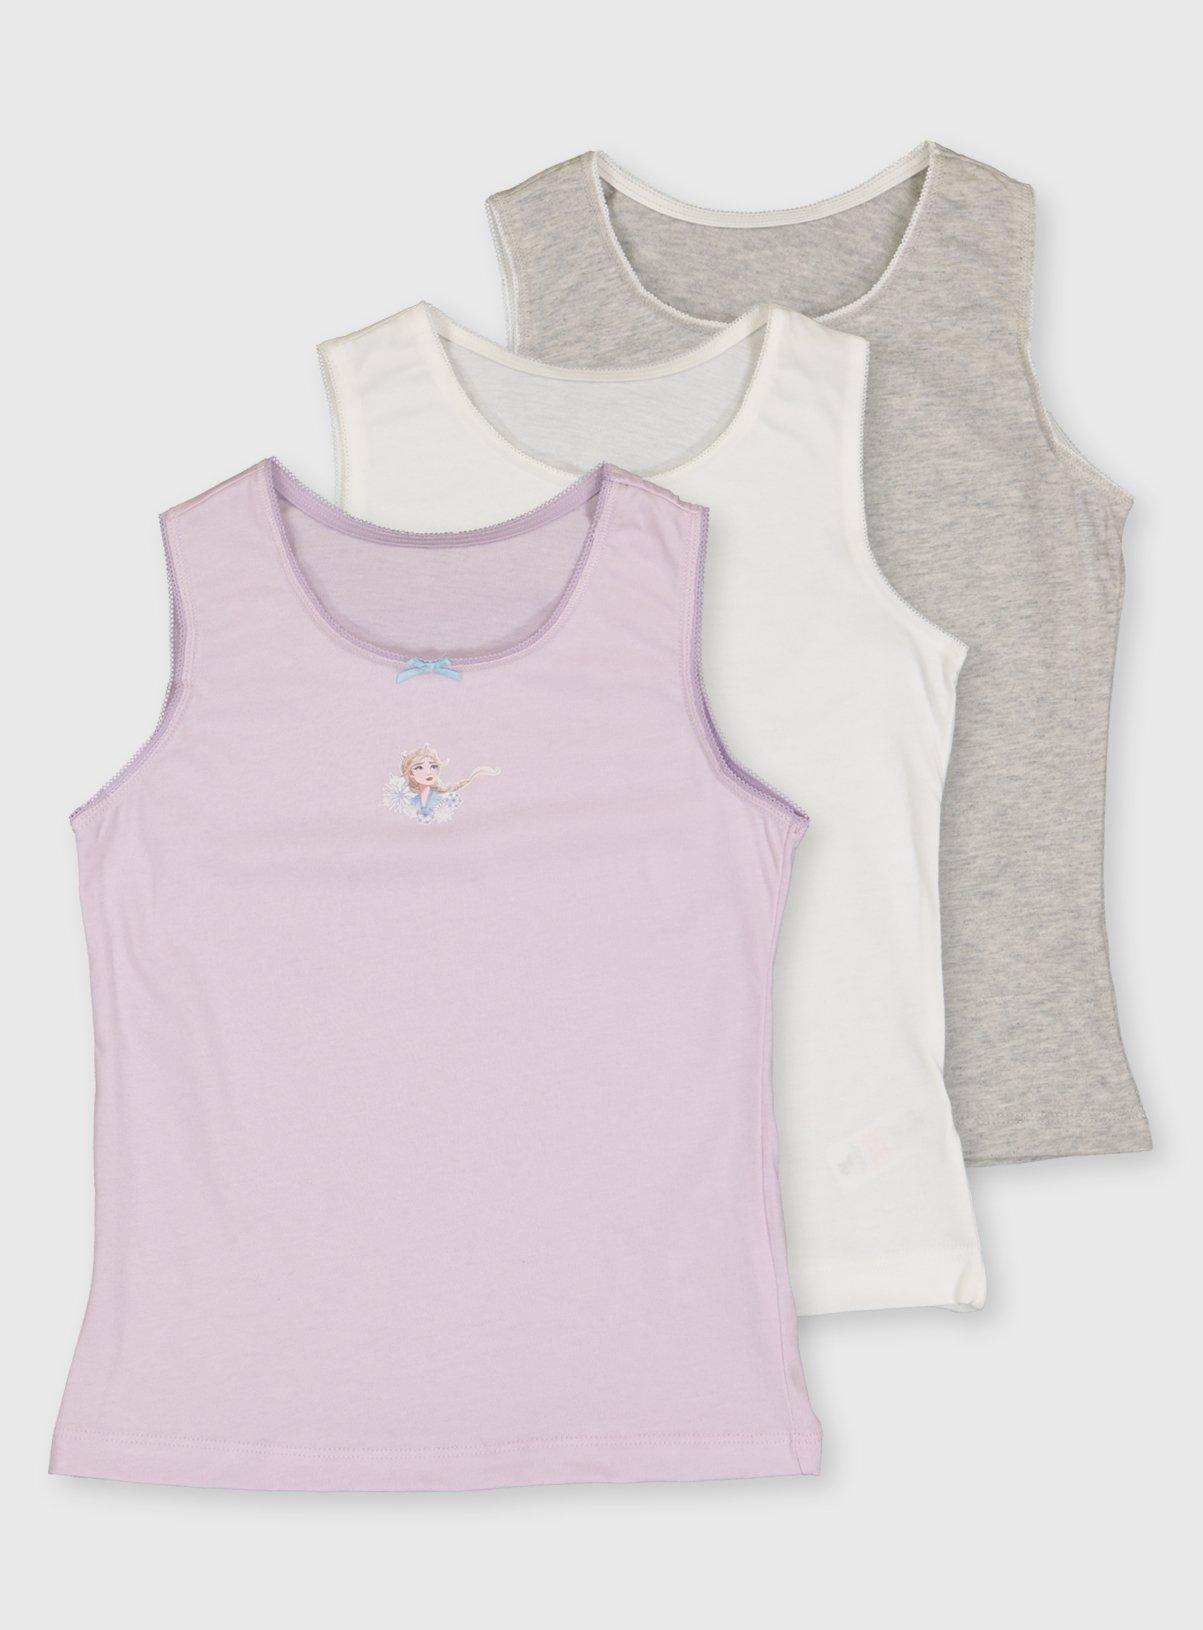 Disney Frozen Vests 3 Pack - 2-3 years